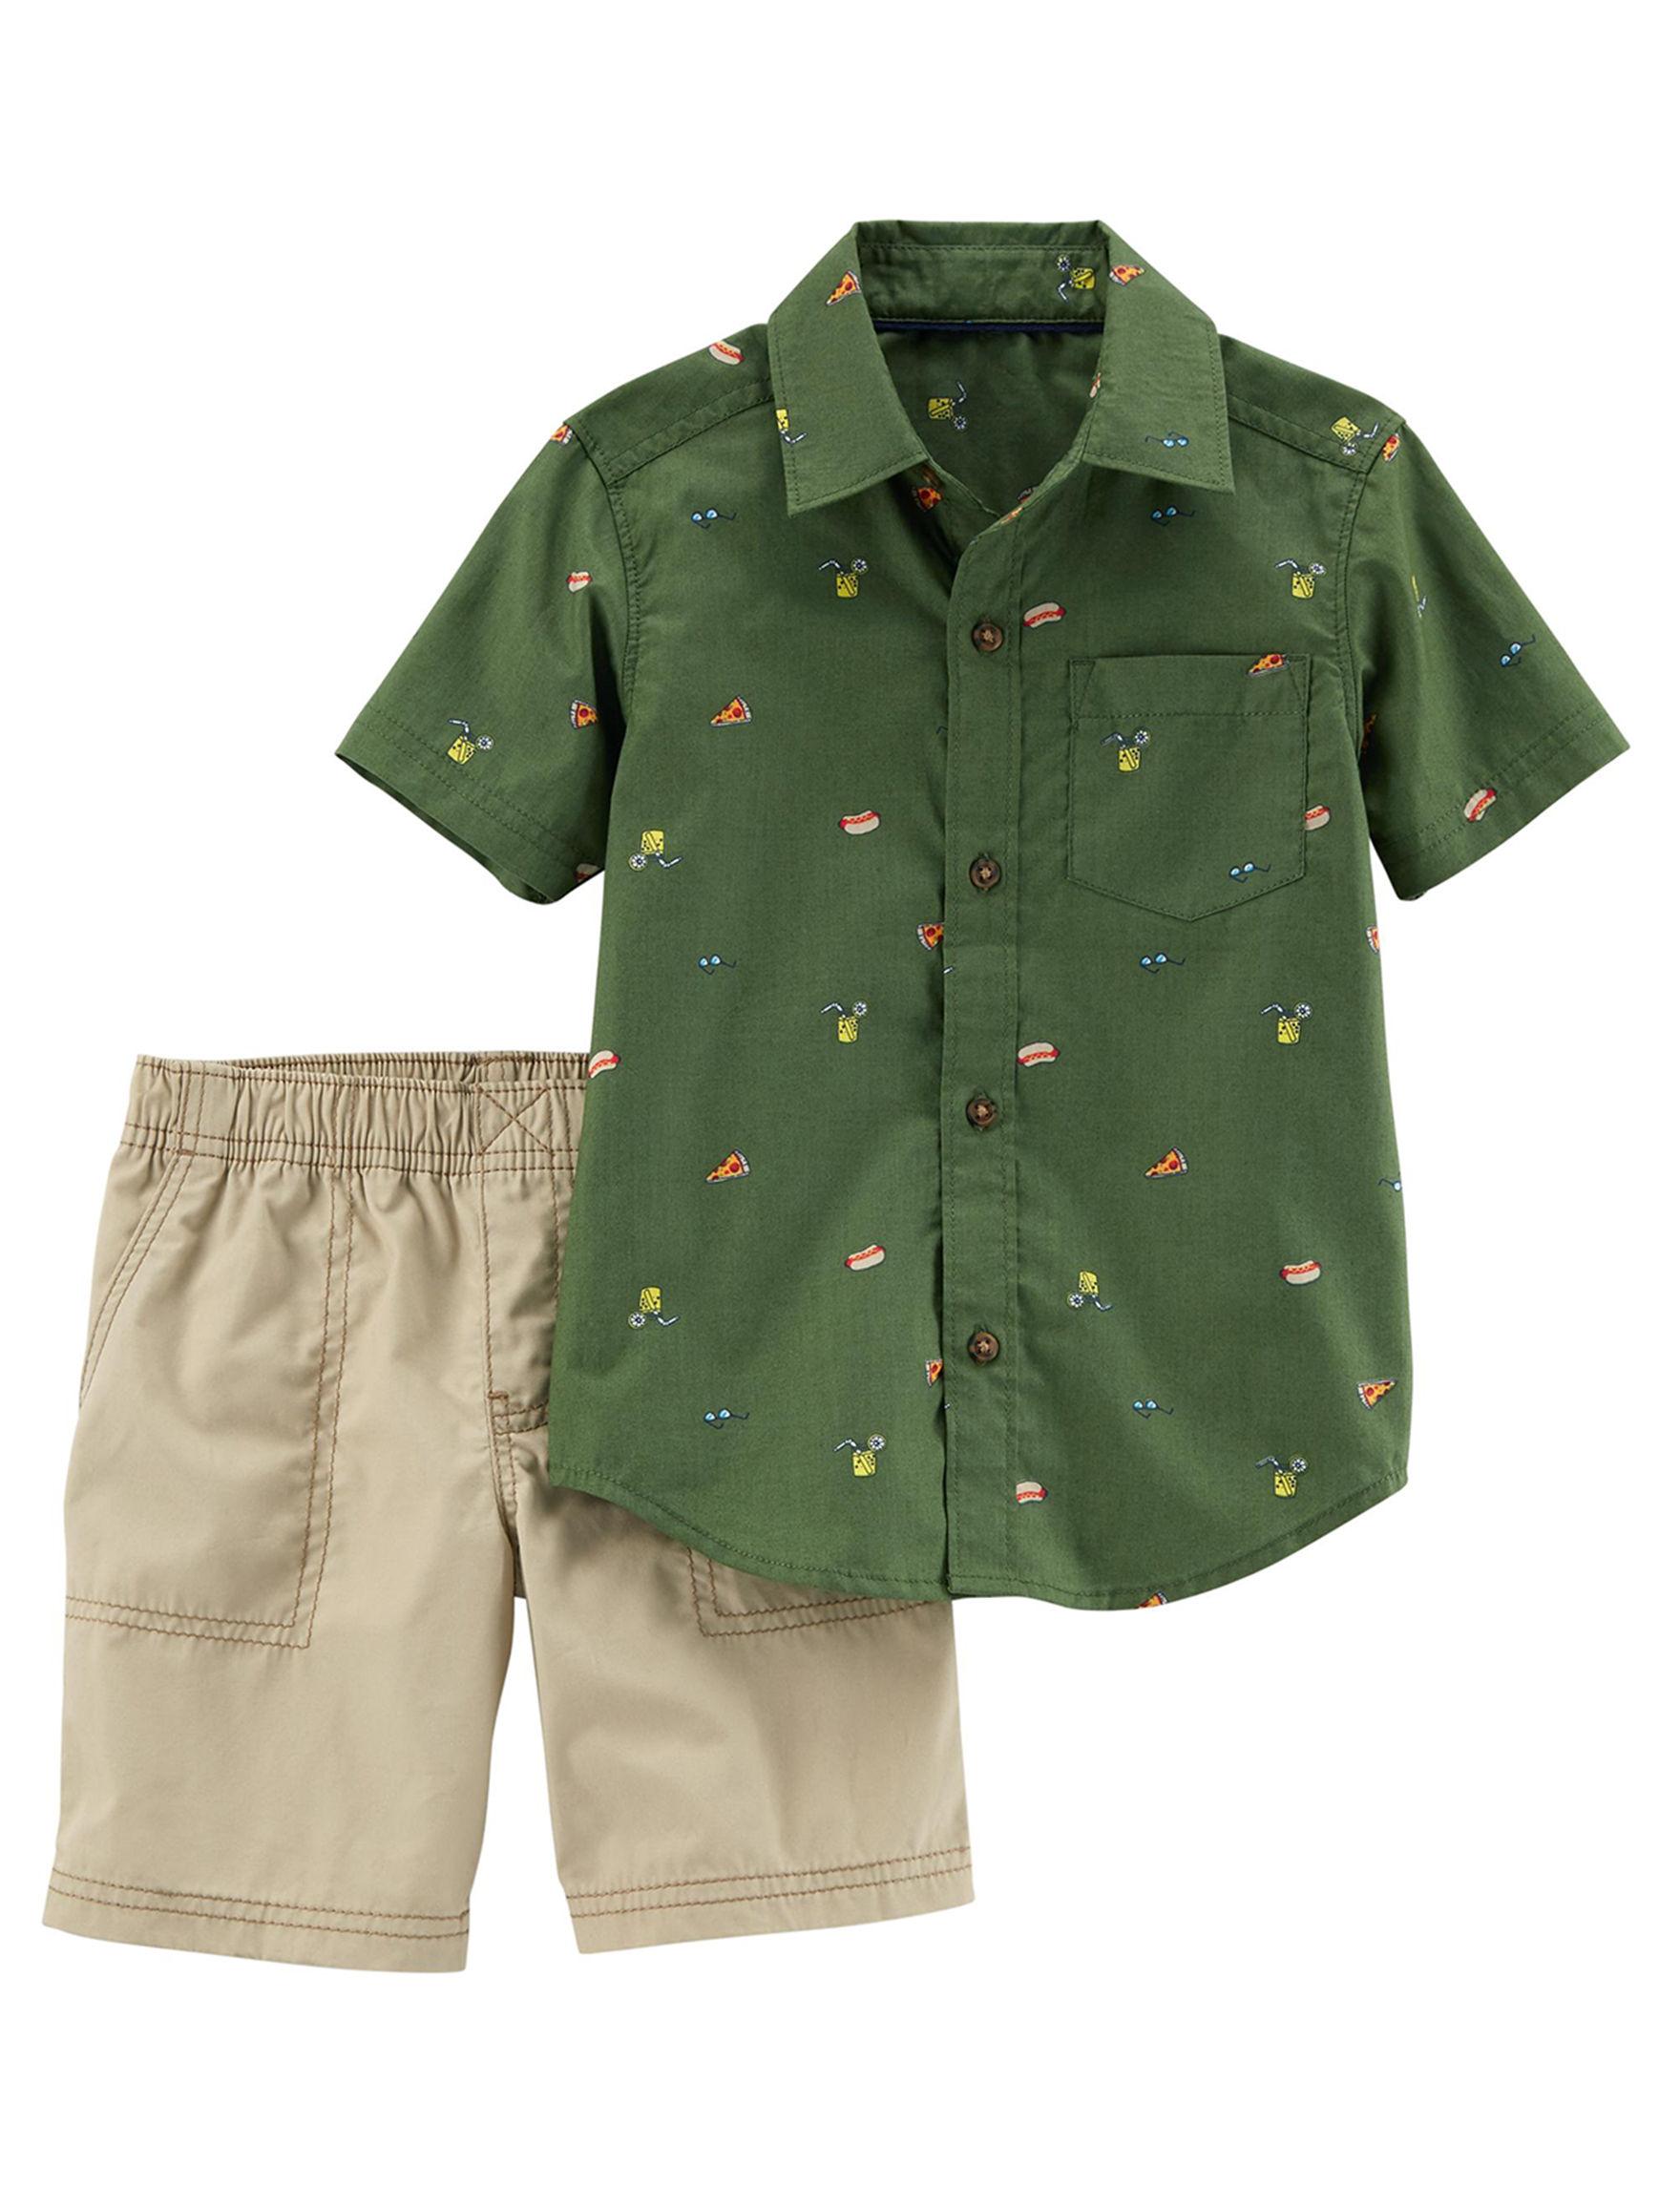 Carter's Green / Beige